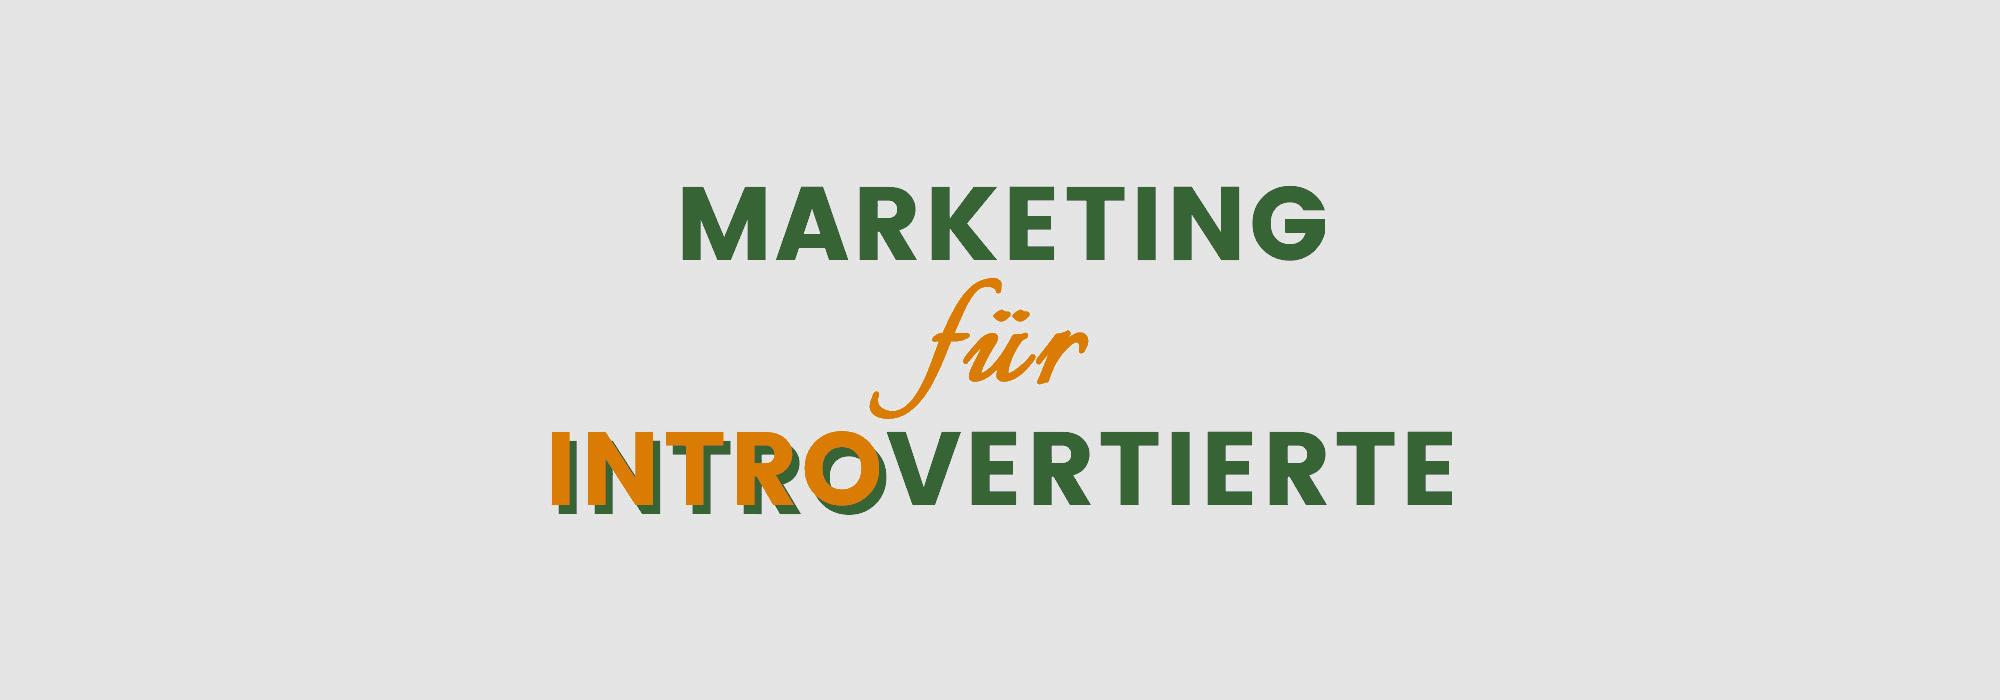 Bild für Artikel Marketing für Introvertierte und Hochsensible